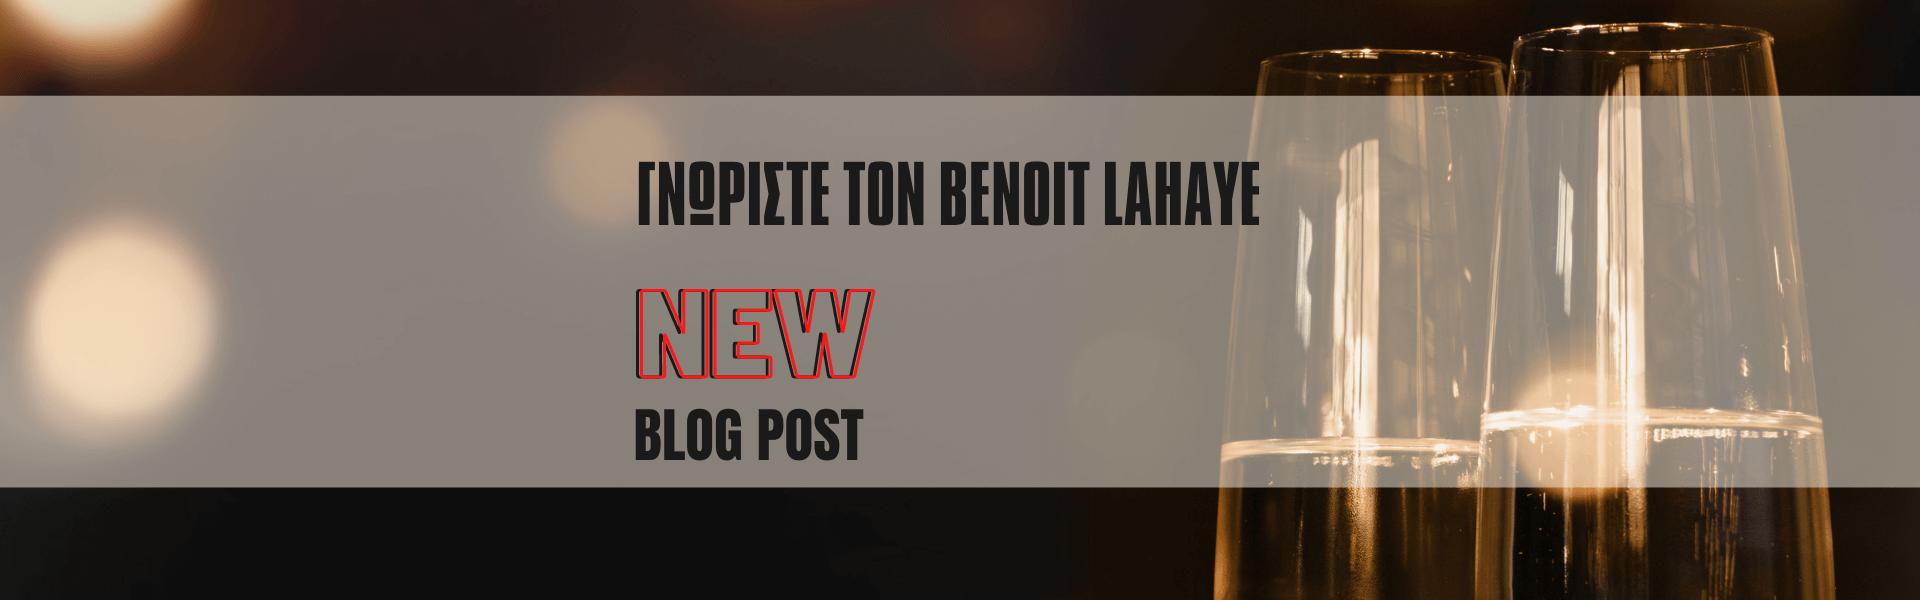 Γνωρίστε τον Benoit Lahaye